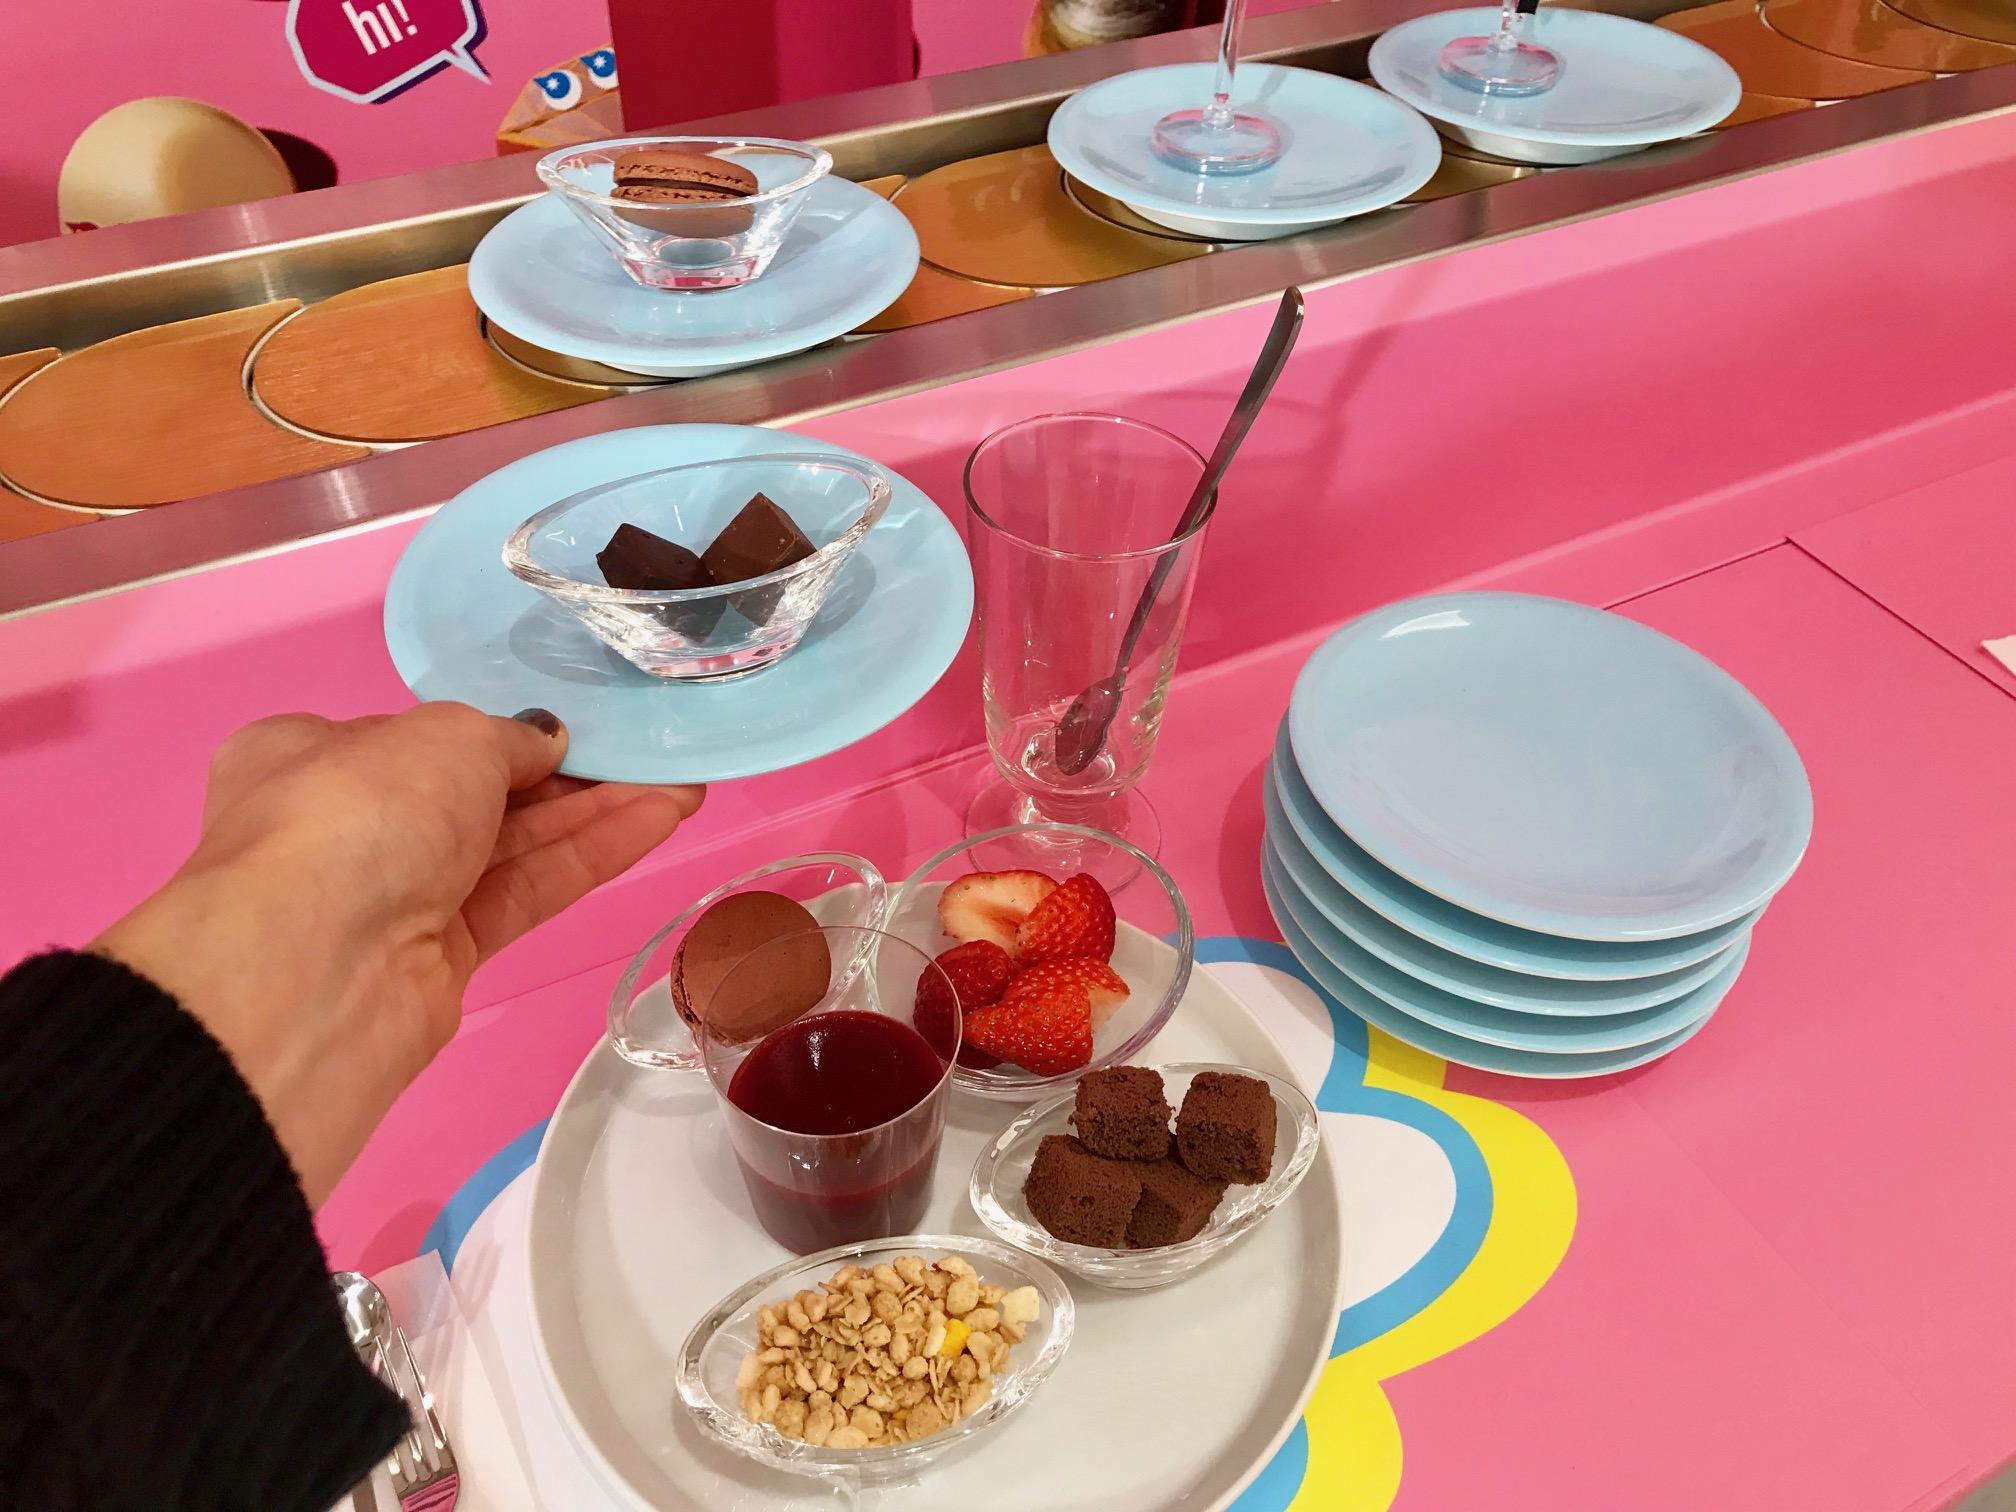 『髙島屋』でショコラの祭典「アムール・デュ・ショコラ」開催! 限定品のおすすめ3選&注目の「パフェ ゴー ラウンド」【#バレンタイン 2020】_6